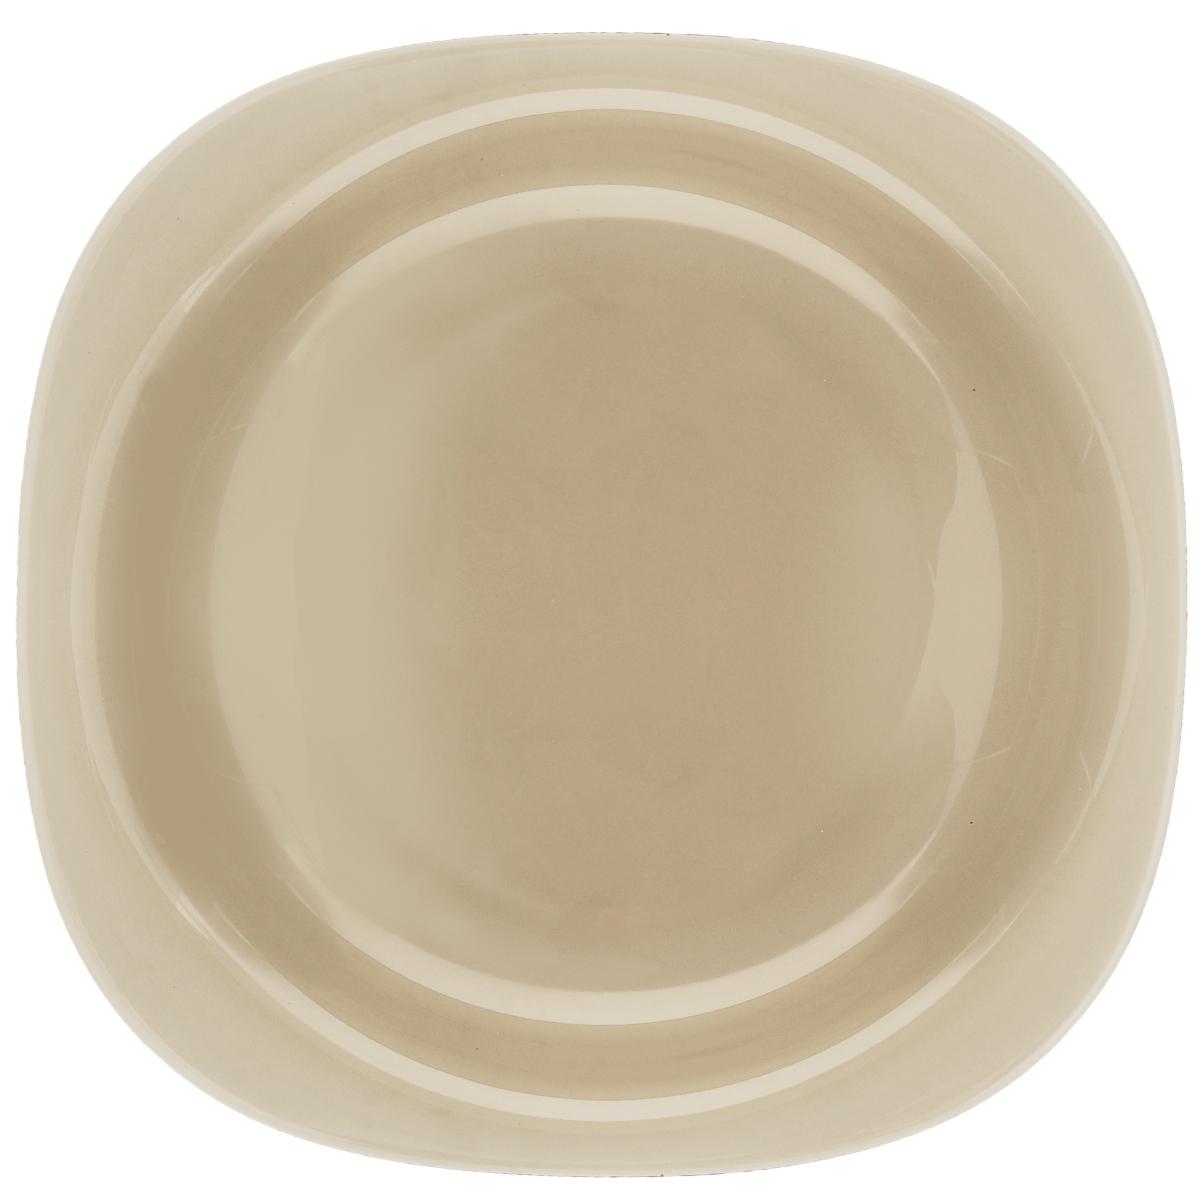 Тарелка глубокая Luminarc Carine Eclipse, 21 х 21 смFS-91909Глубокая тарелка Luminarc Carine Eclipse выполнена изударопрочного стекла и оформлена в классическом стиле.Изделие сочетает в себе изысканный дизайн с максимальнойфункциональностью. Она прекрасно впишется винтерьер вашей кухни и станет достойным дополнениемк кухонному инвентарю. Тарелка Luminarc Carine Eclipse подчеркнет прекрасный вкус хозяйкии станет отличным подарком. Размер (по верхнему краю): 21 х 21 см.